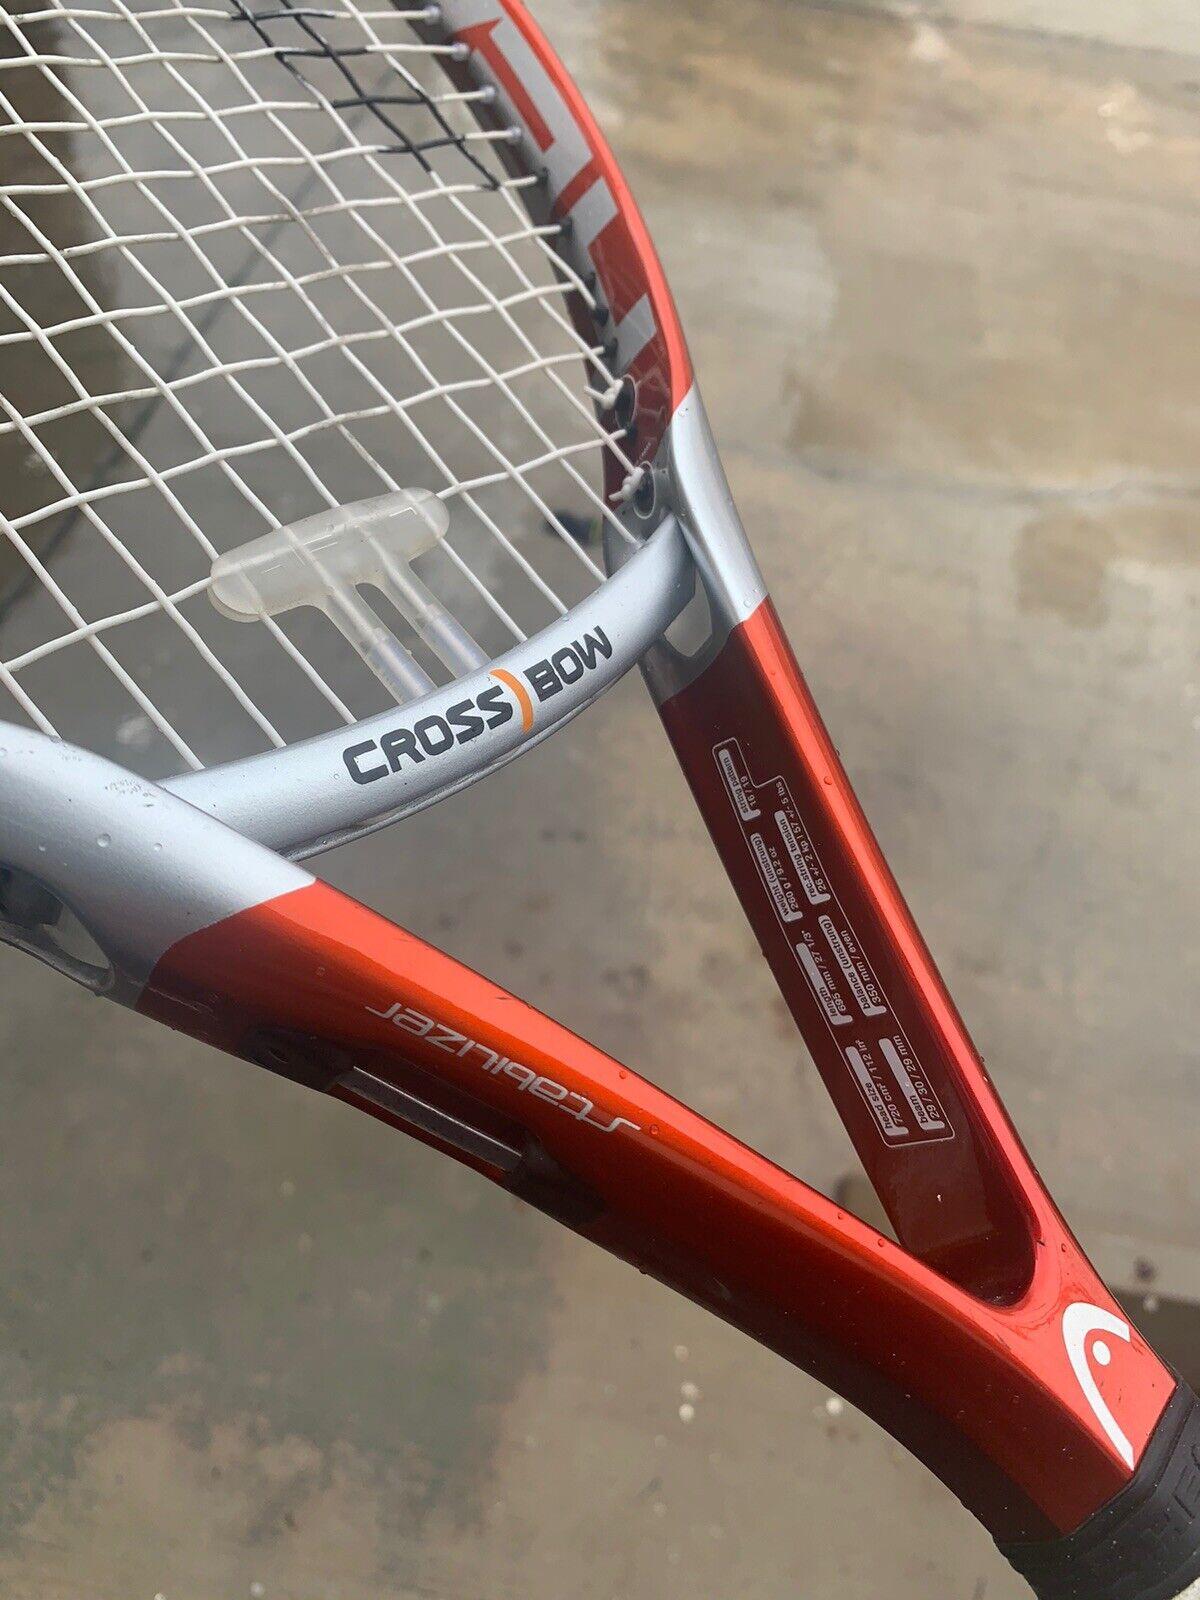 """HEAD Cross Bow 6 - 112 OS 4 1 2"""" Grip Tennis Racket Racquet Crossbow L4  4 +case"""